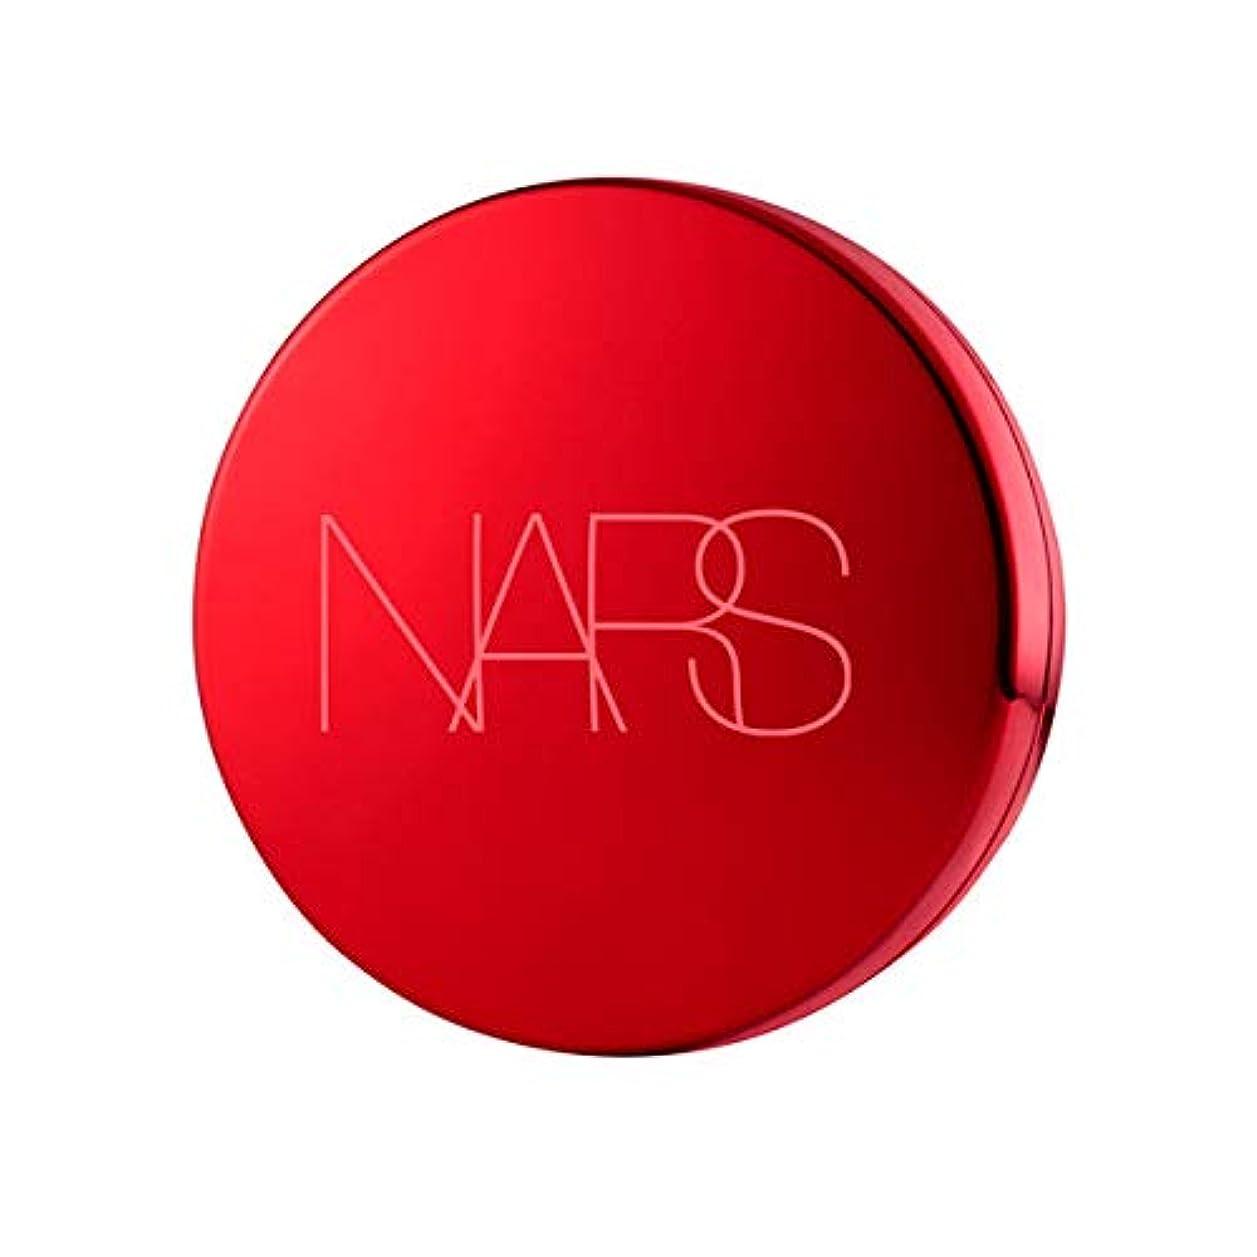 【NARS(ナーズ)】 アクアティックグロー クッションコンパクト スペシャルエディションケース